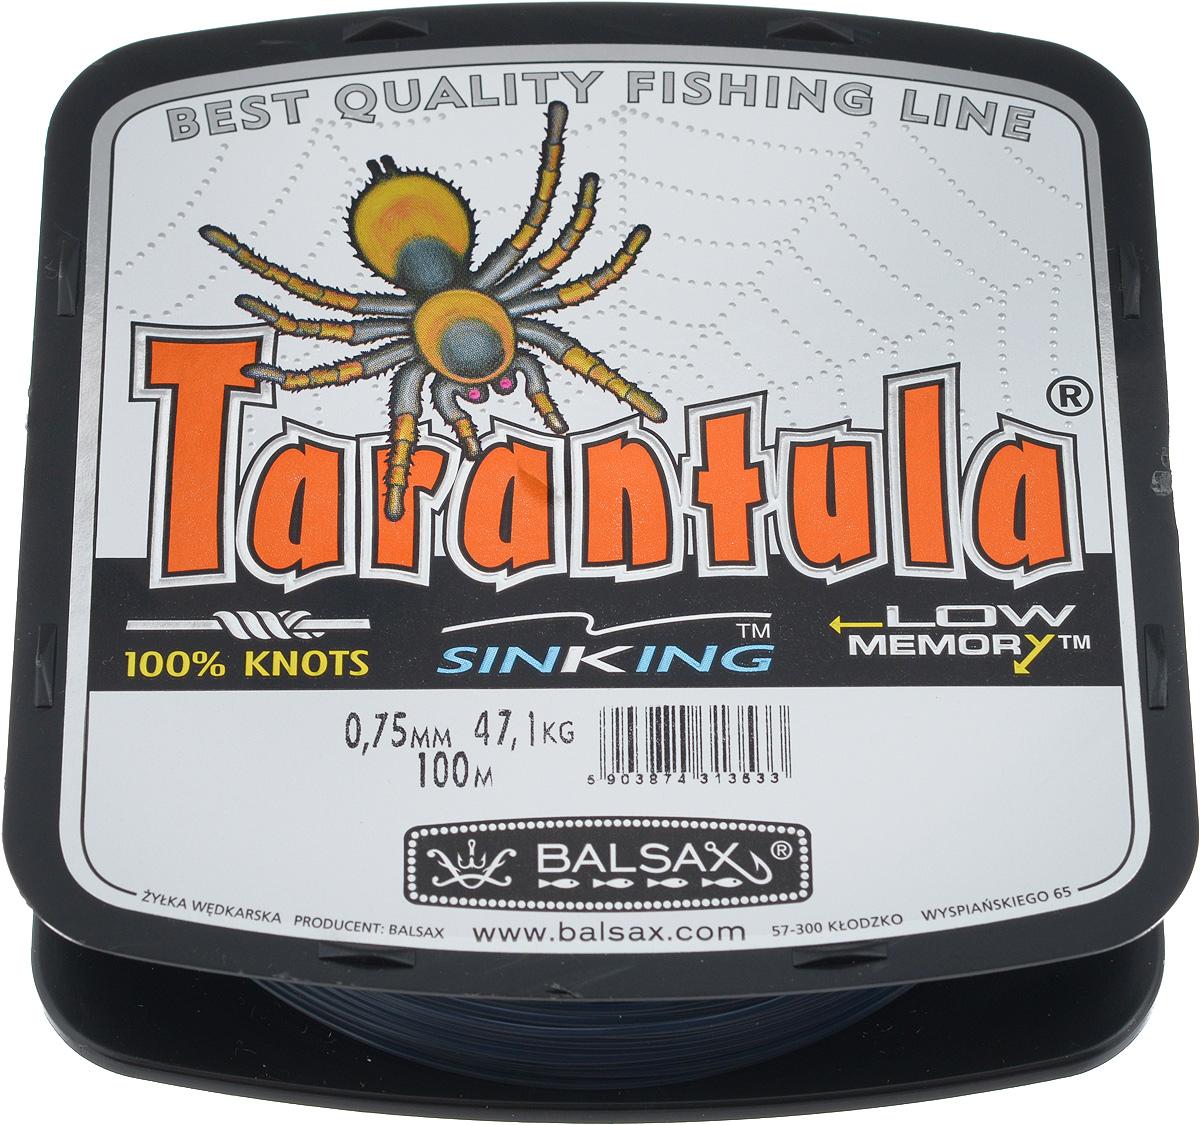 Леска Balsax Tarantula, 100 м, 0,75 мм, 47,1 кг03/1/12Леска Balsax Tarantula выполнена из нейлоновой мононити. Новая молекулярная структура лески отличается повышенной сопротивляемостью к разрыву, но при этом она способна и растягиваться. Растяжимость в случае применения этой лески является отличным достоинством, особенно во время энергичной борьбы с рыбой, как амортизатор защищая оснастку от обрыва.